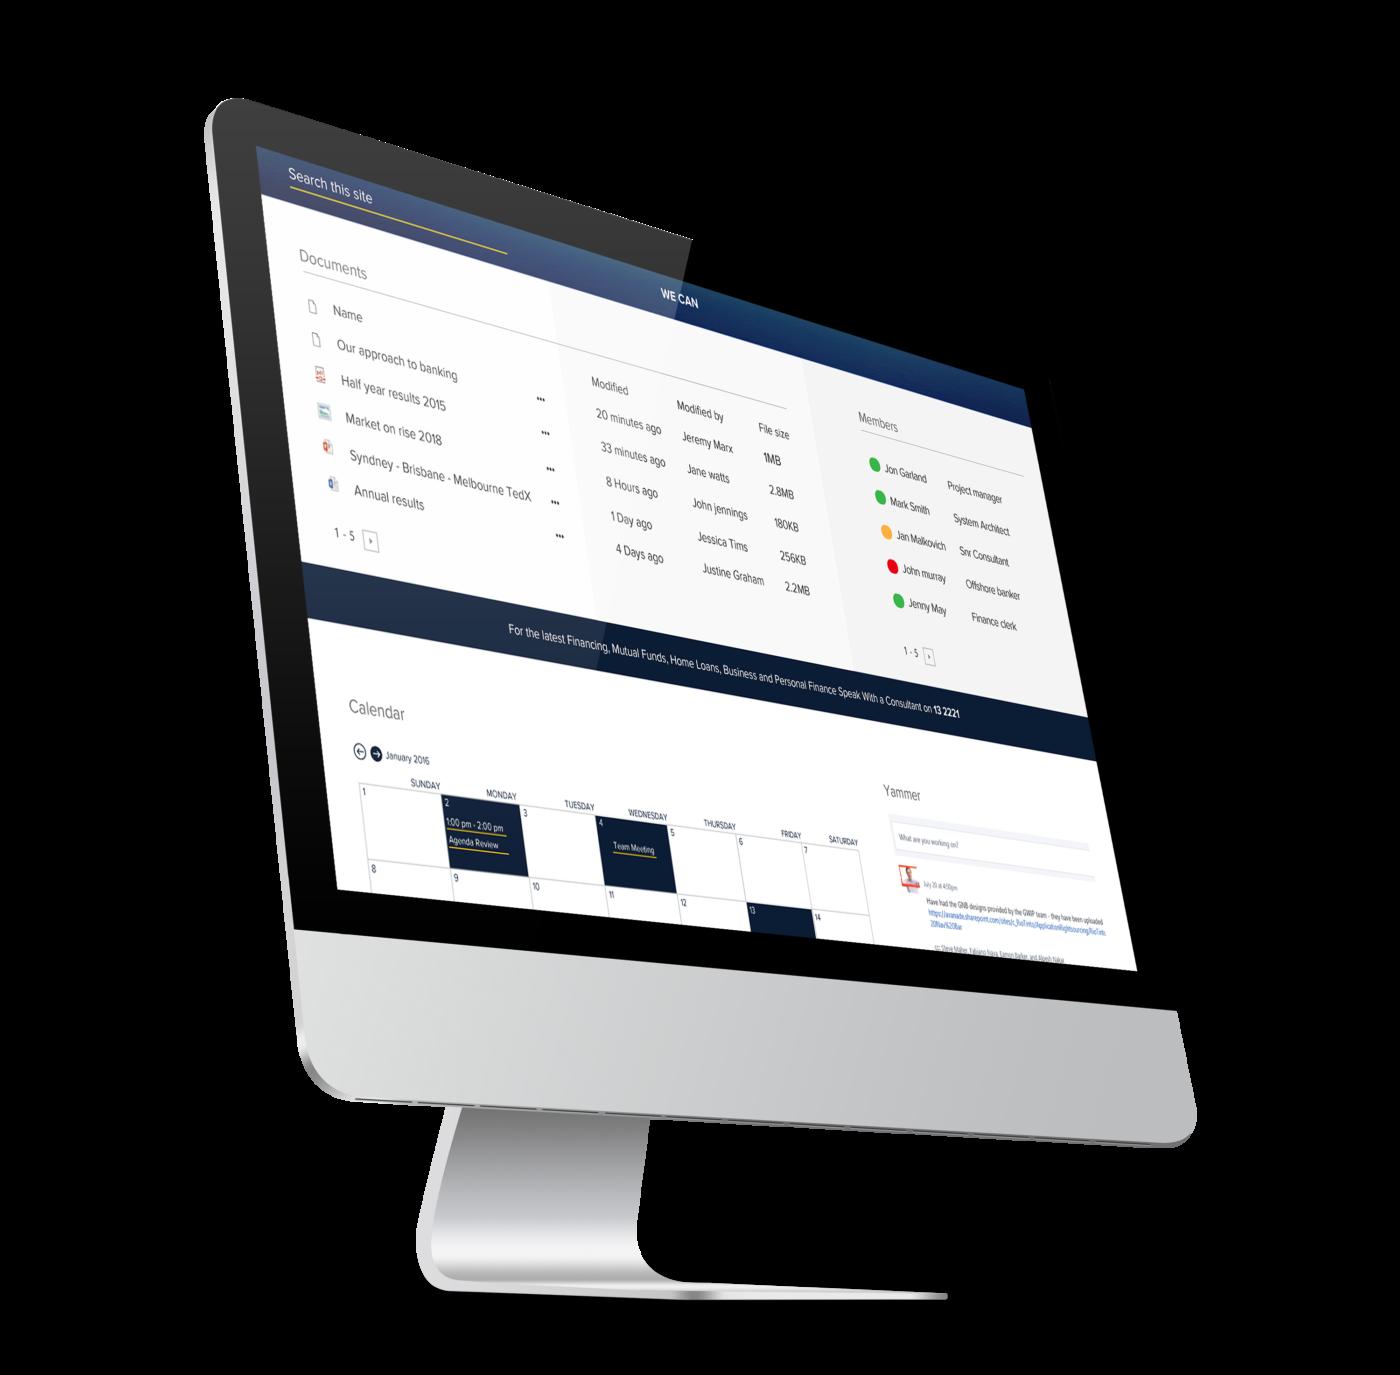 SharePoint UI Design iMac